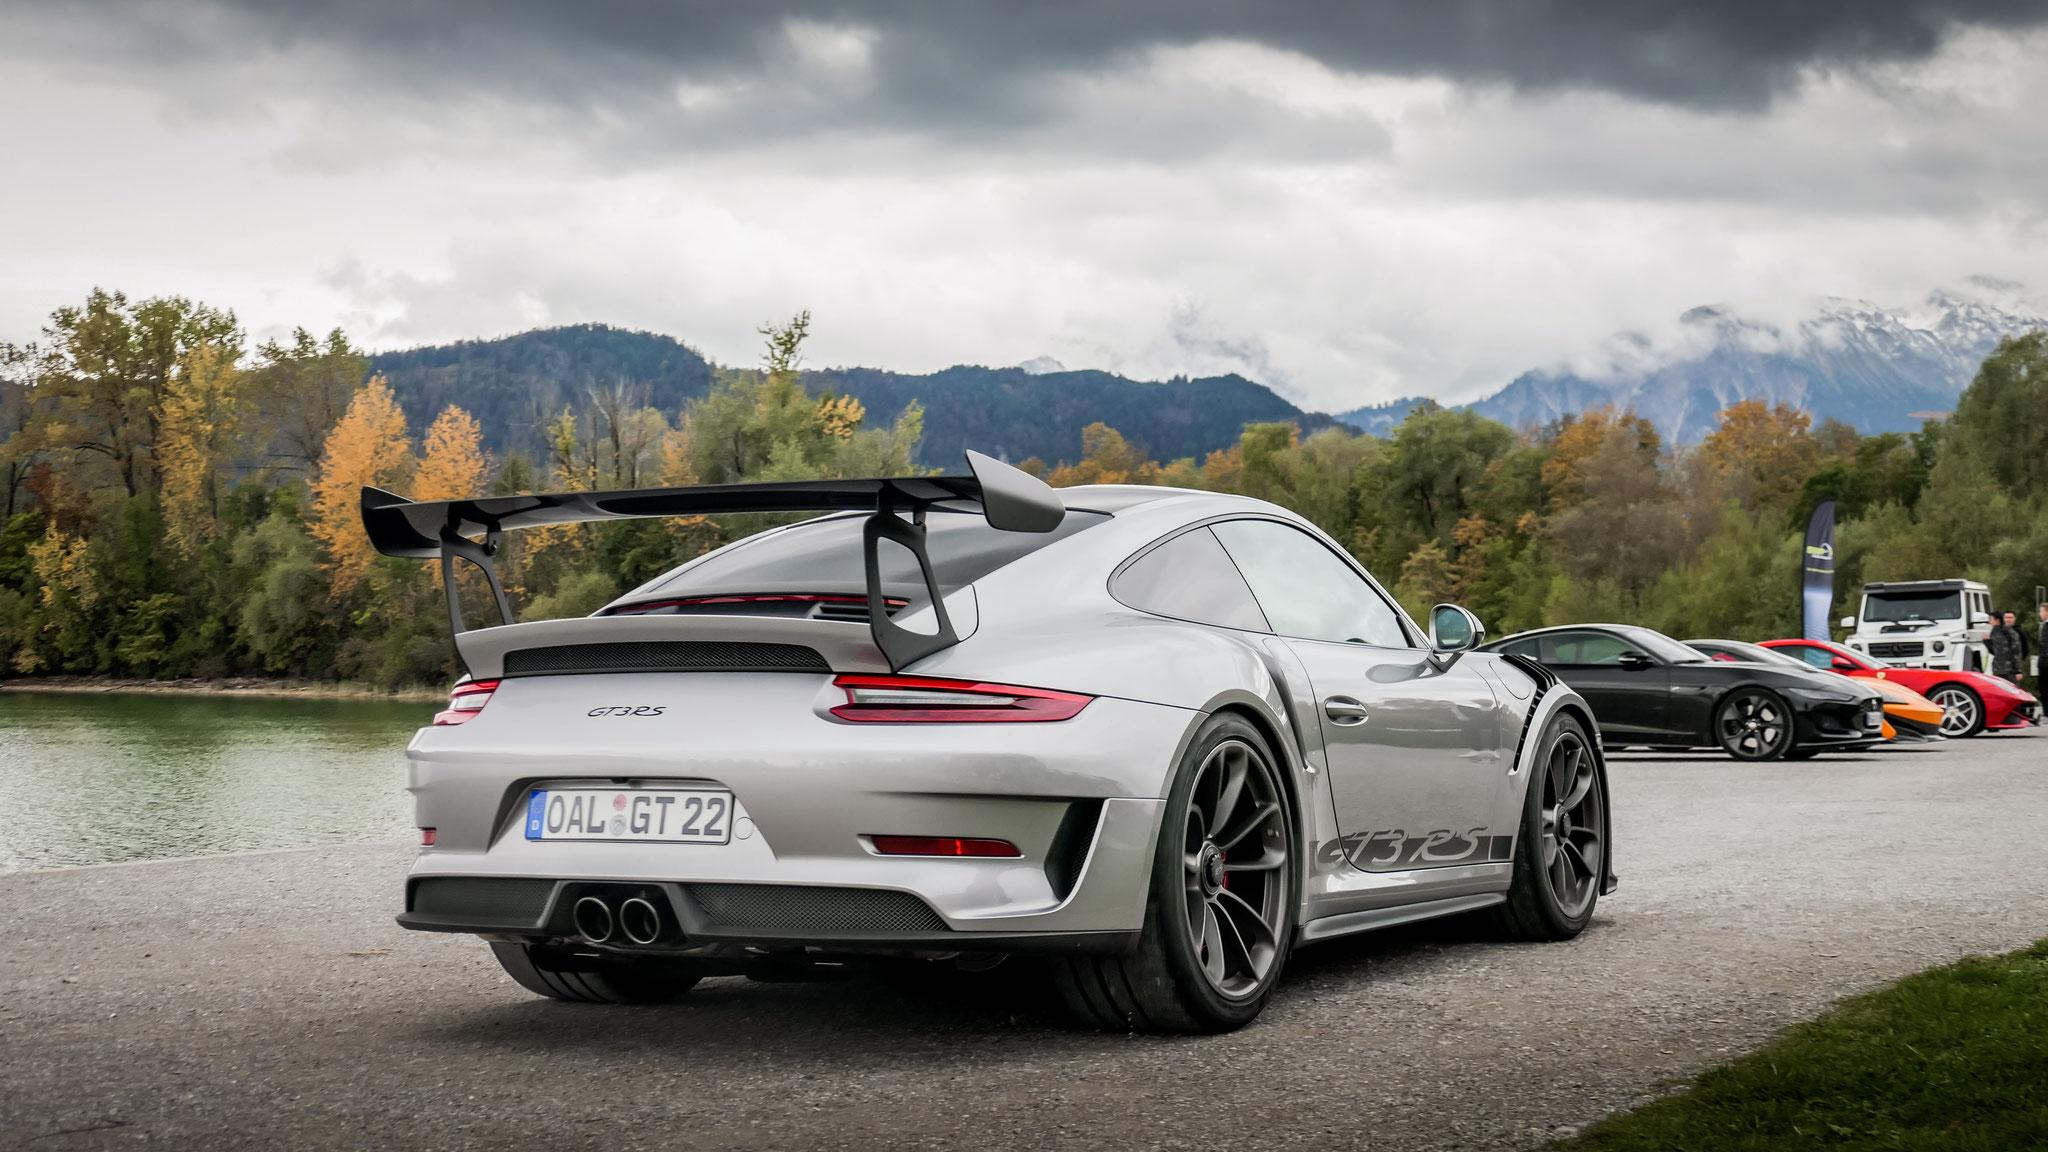 Porsche 911 991.2 GT3 RS - OAL-GT-22